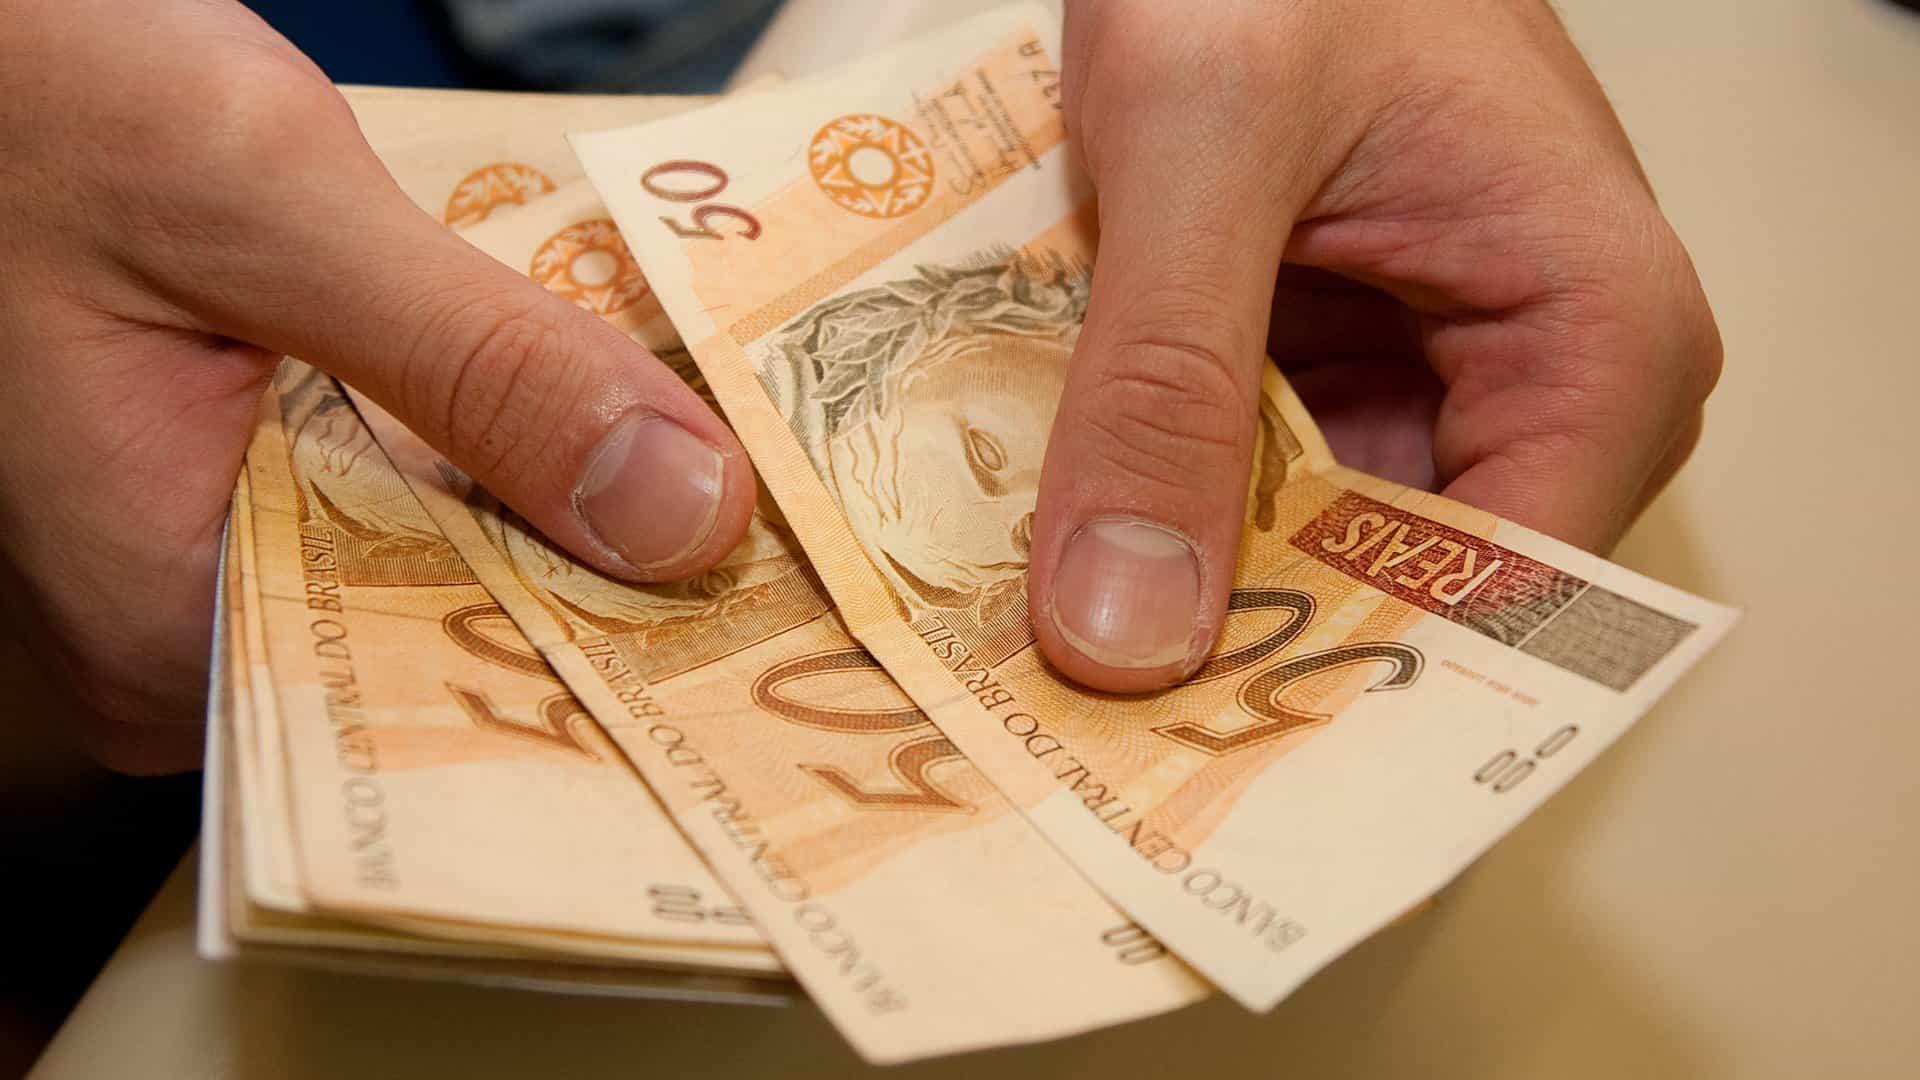 Instituto solicita atuação do Ministério Público para o pagamento de benefícios pelo INSS